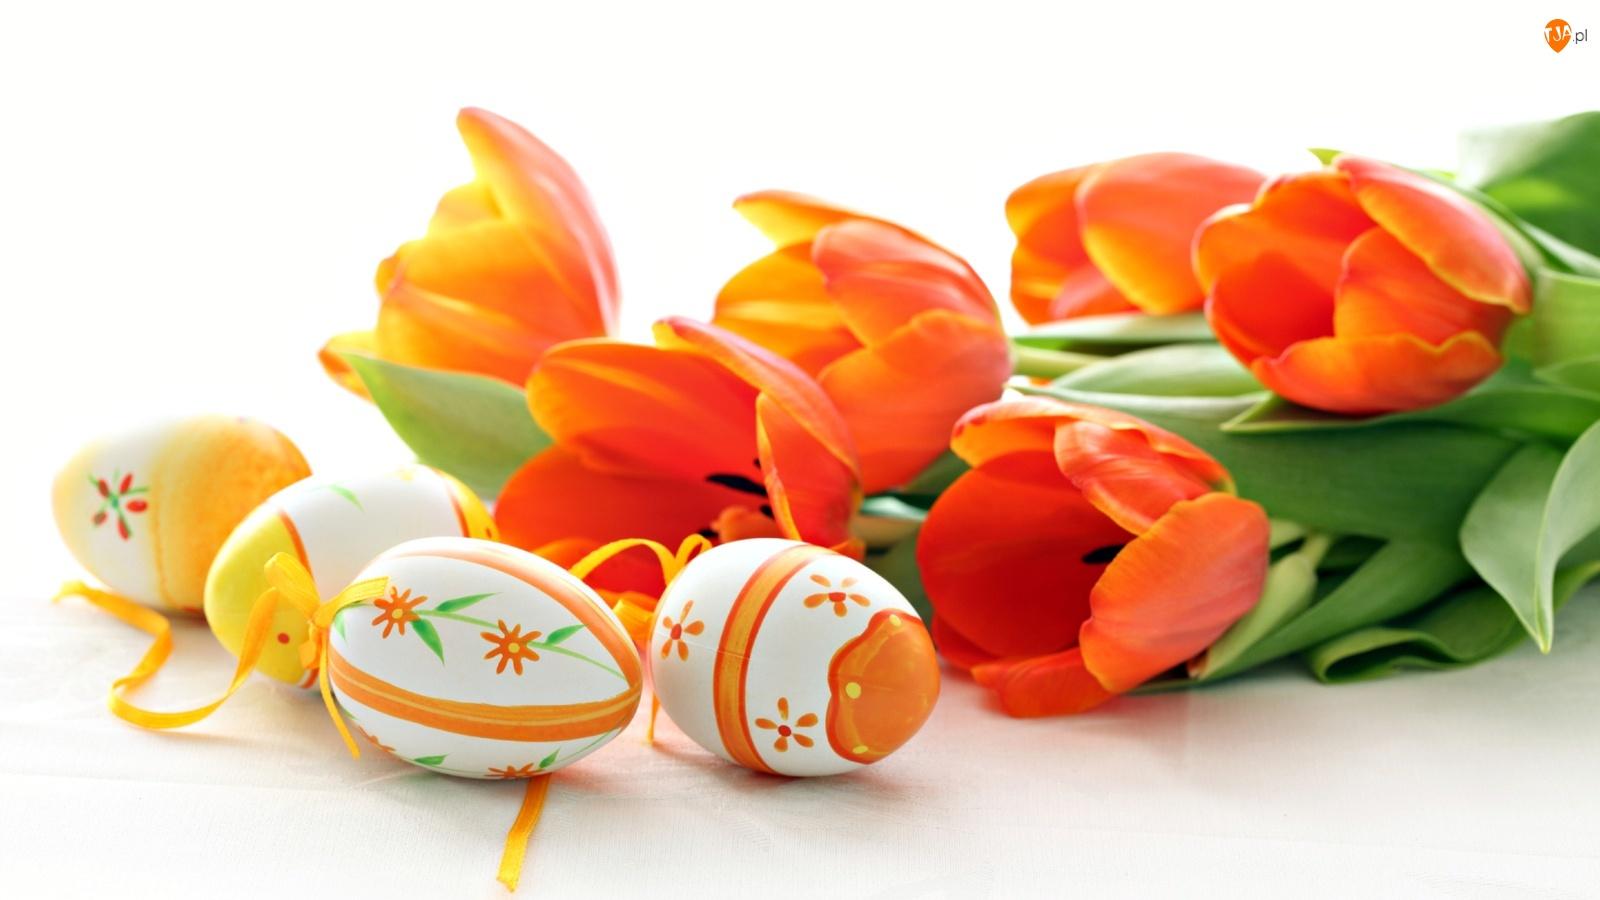 Pomarańczowe, Jajka, Tulipany, Wielkanocne